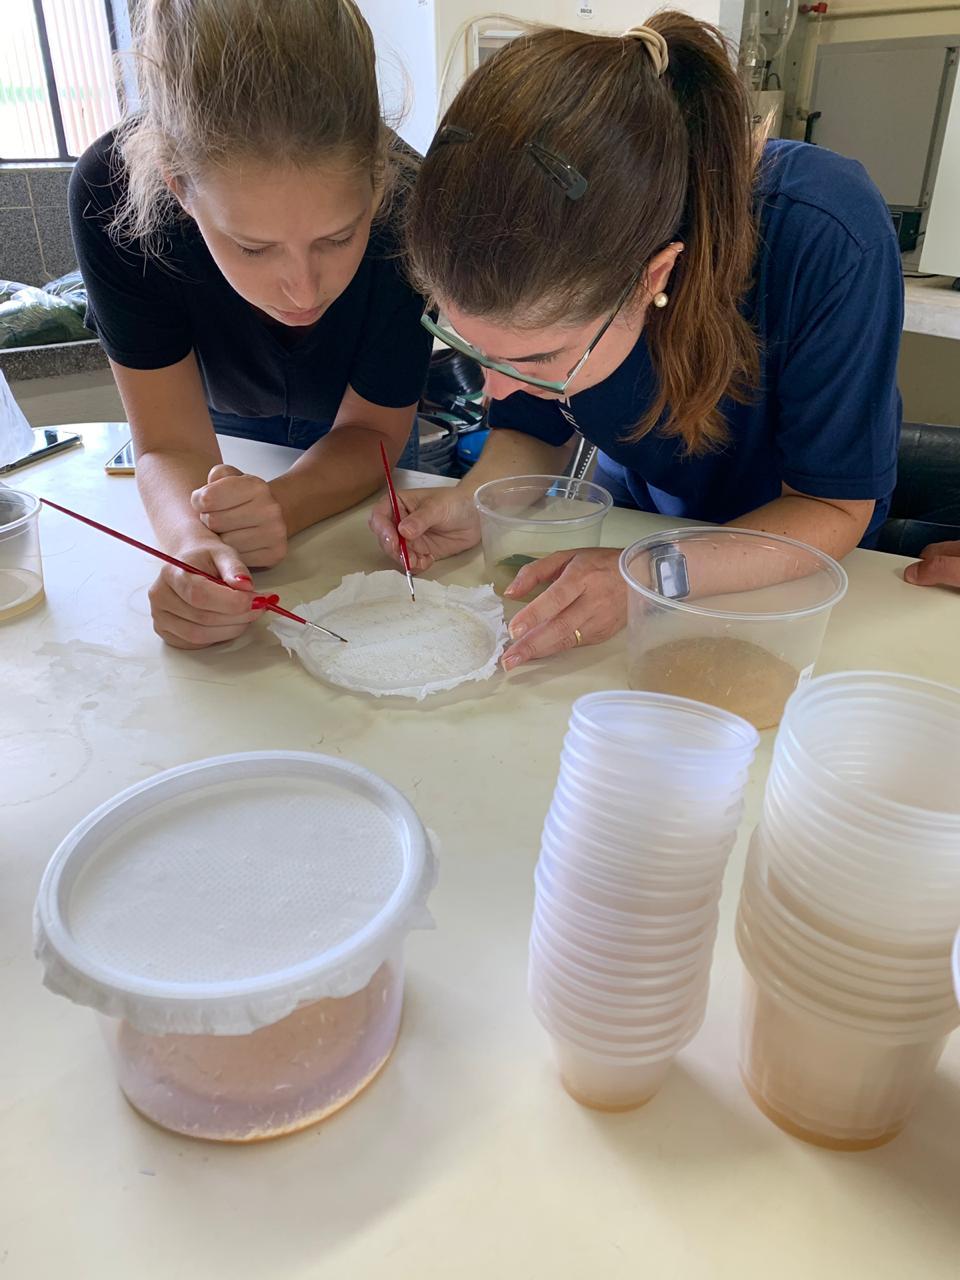 Foto colorida vertical mostra, em detalhe, duas mulheres analisando, com utensílios que parecem pequenos pinceis, uma amostra em um recipiente branco